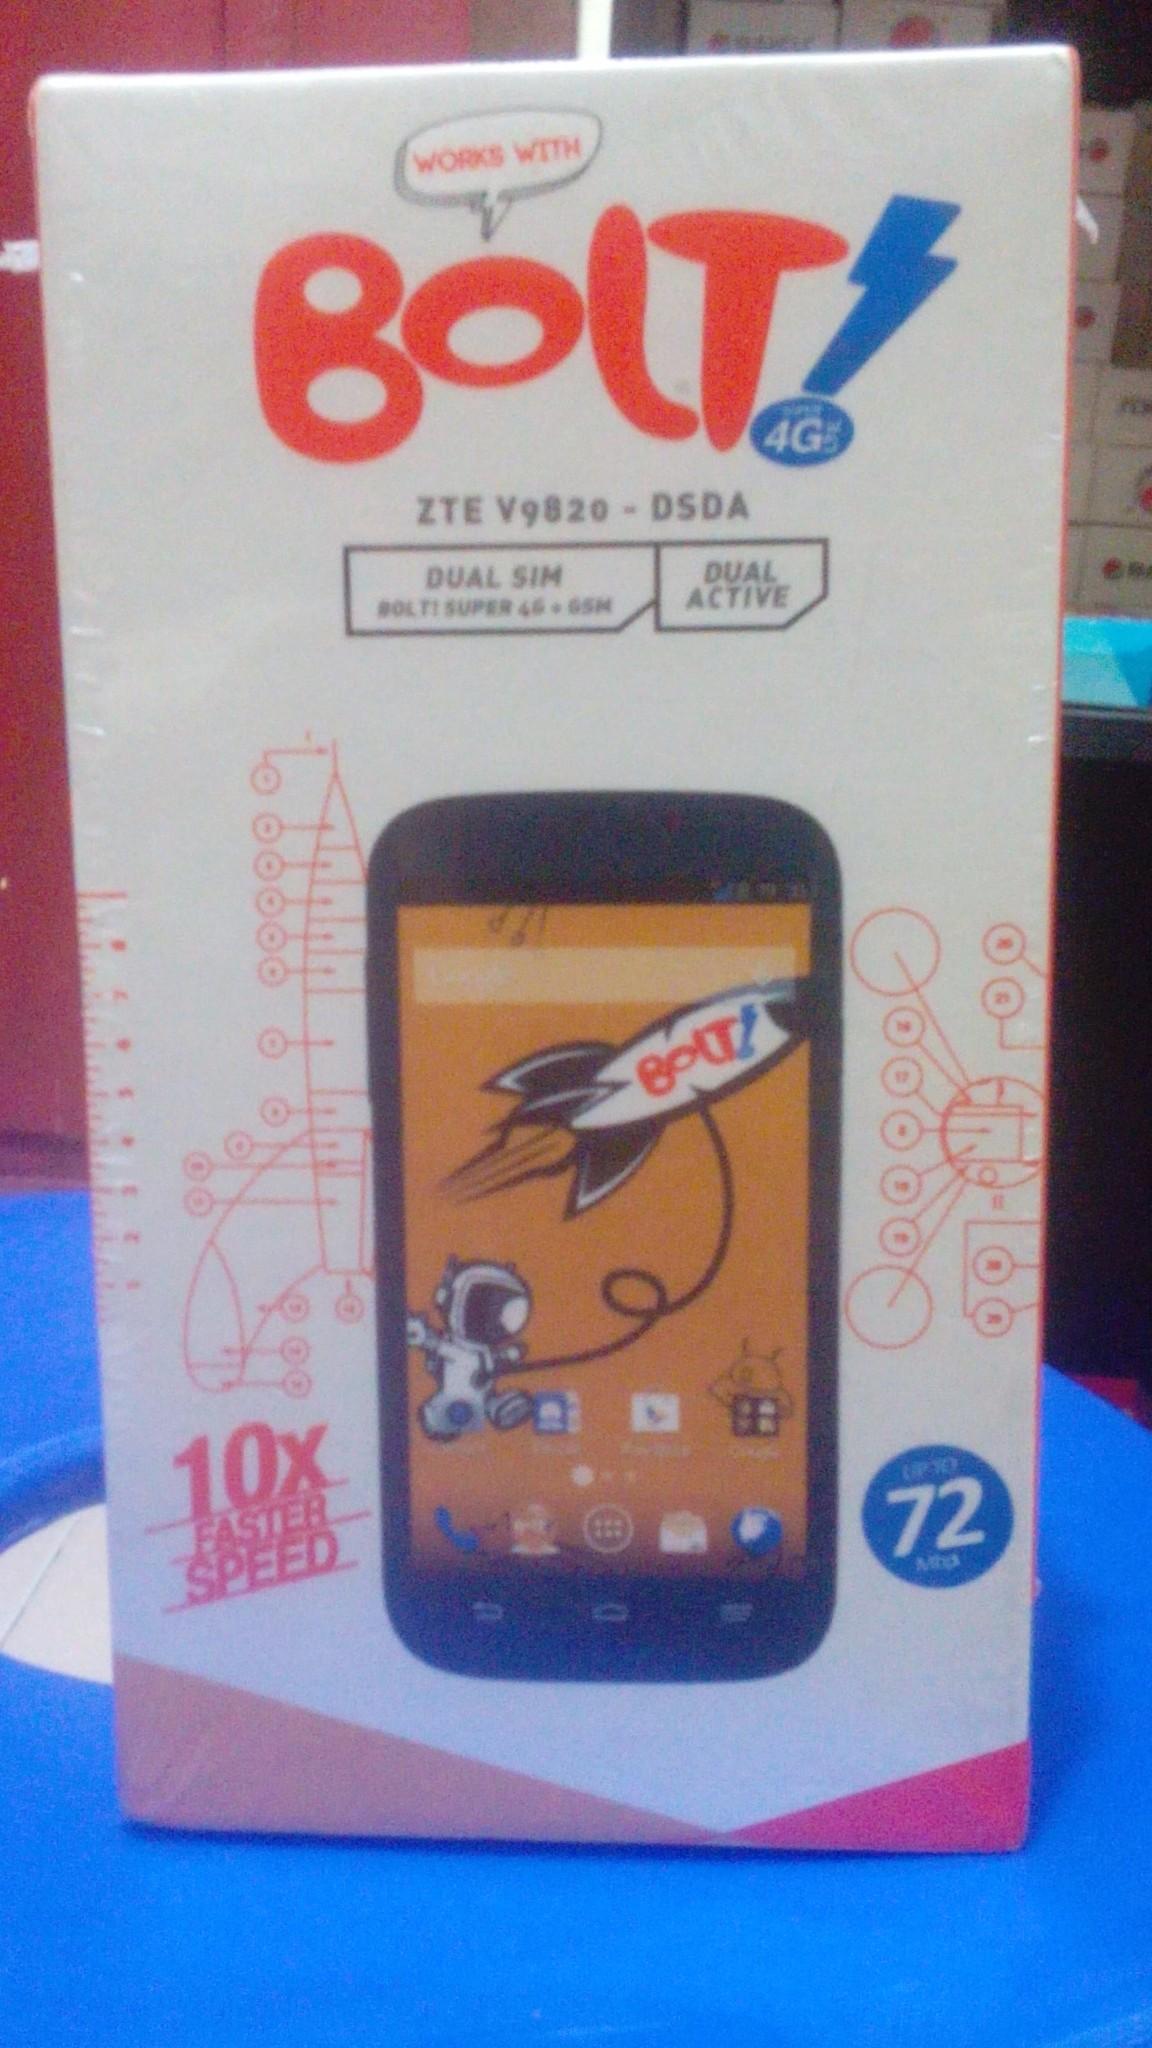 Hp android murah POWER PHONE BOLT ZTE V9820 - DSDA - 4G